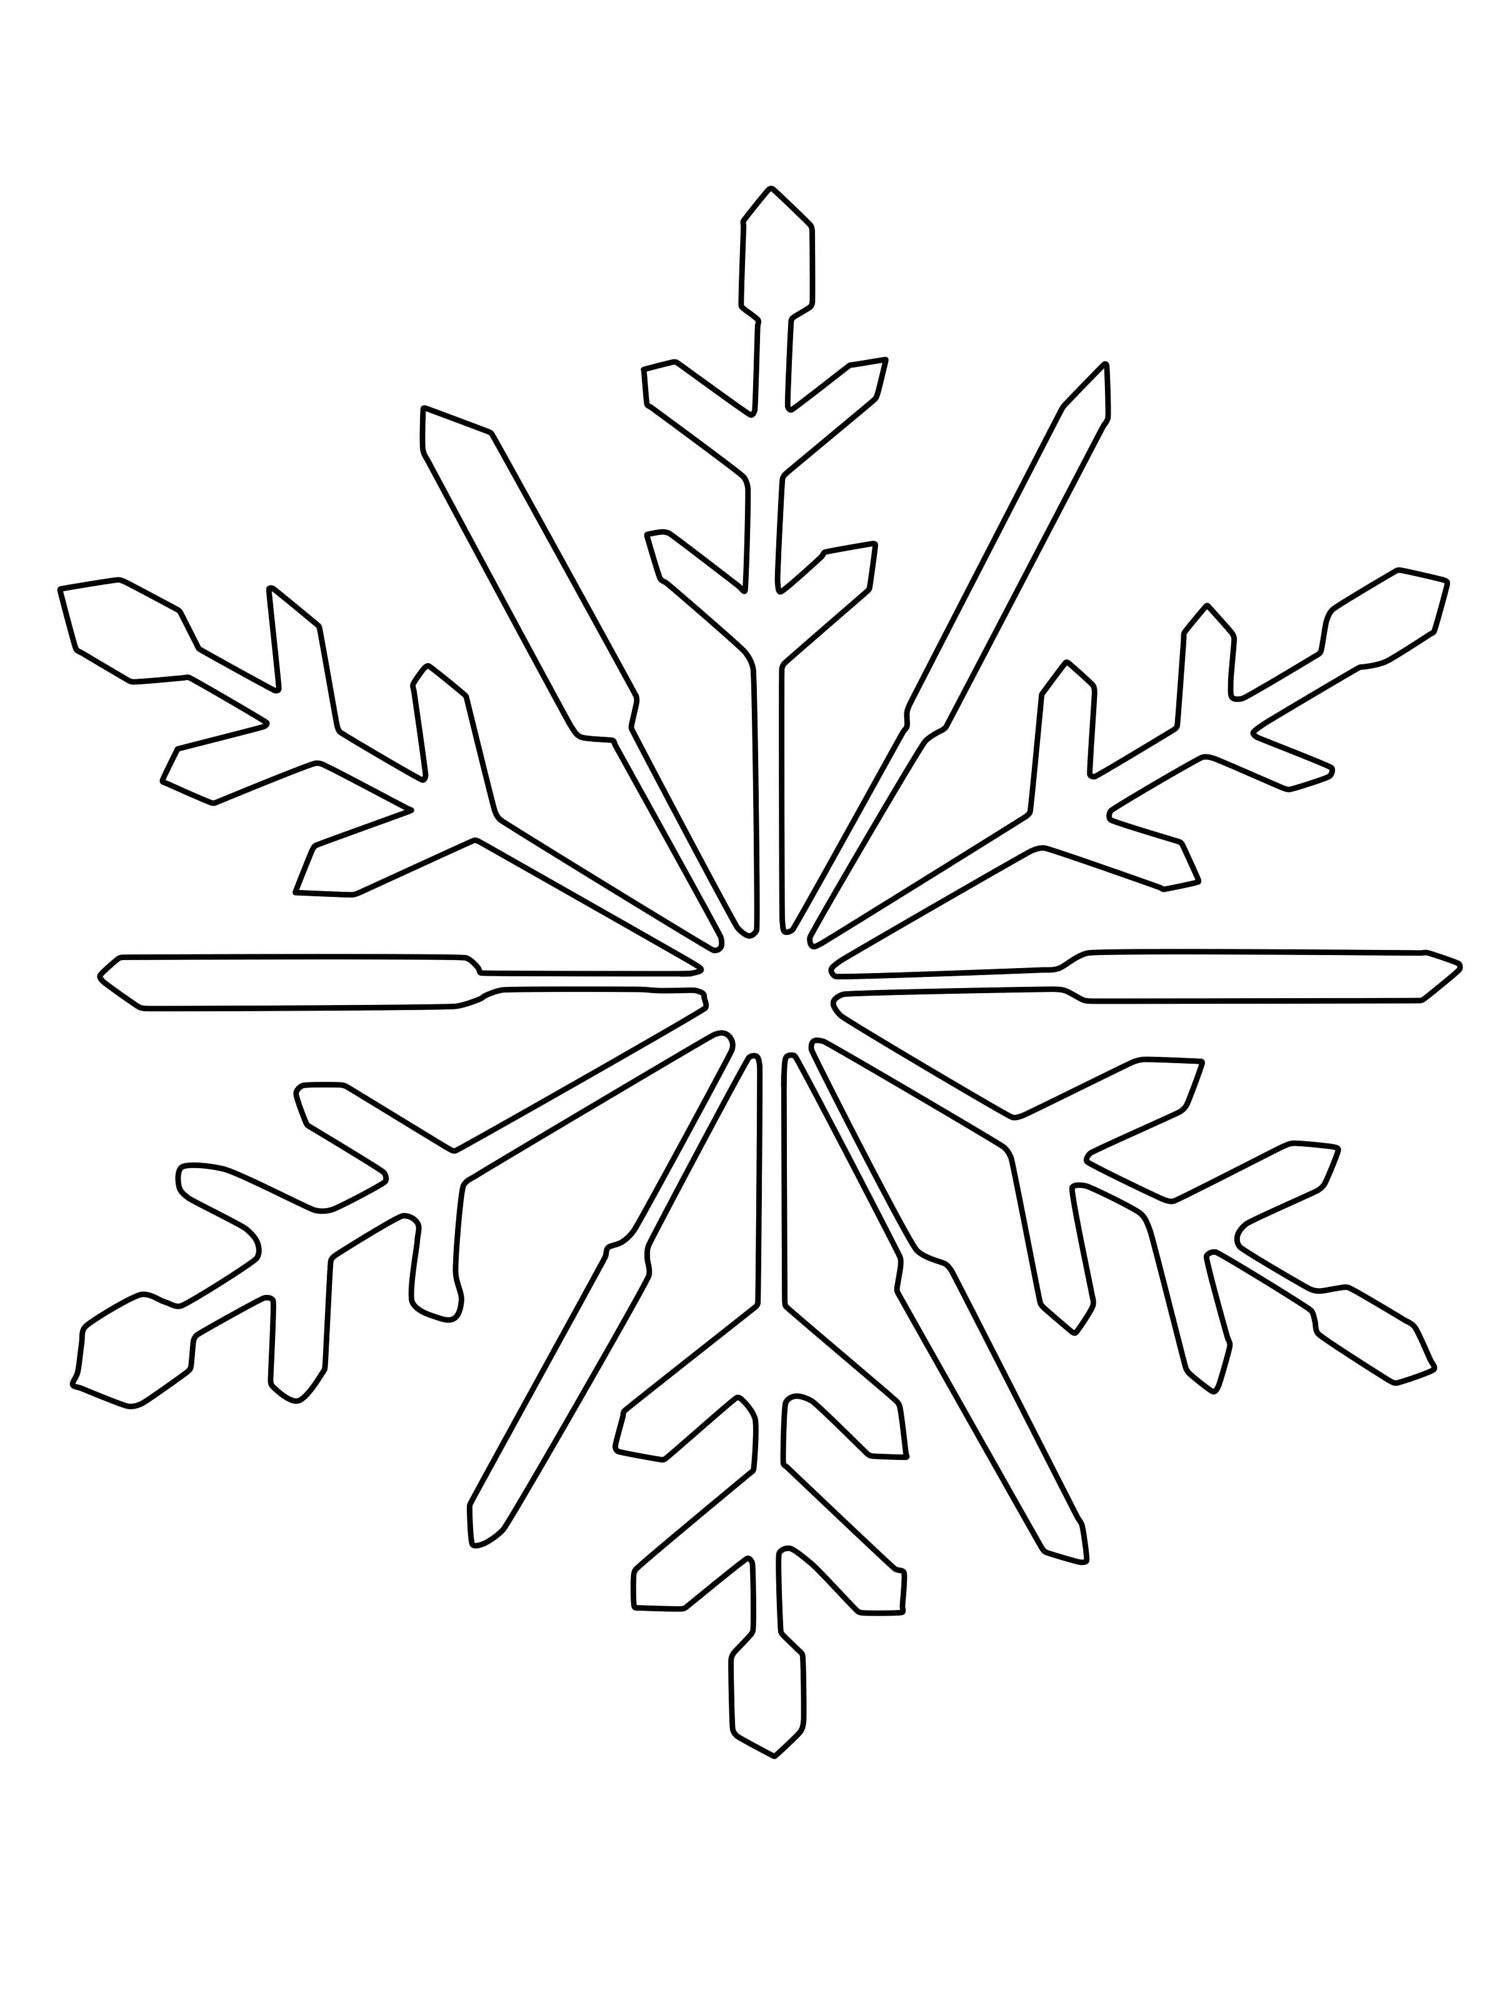 schneeflocke zum ausmalen  Schneeflocke schablone, Schneeflocke